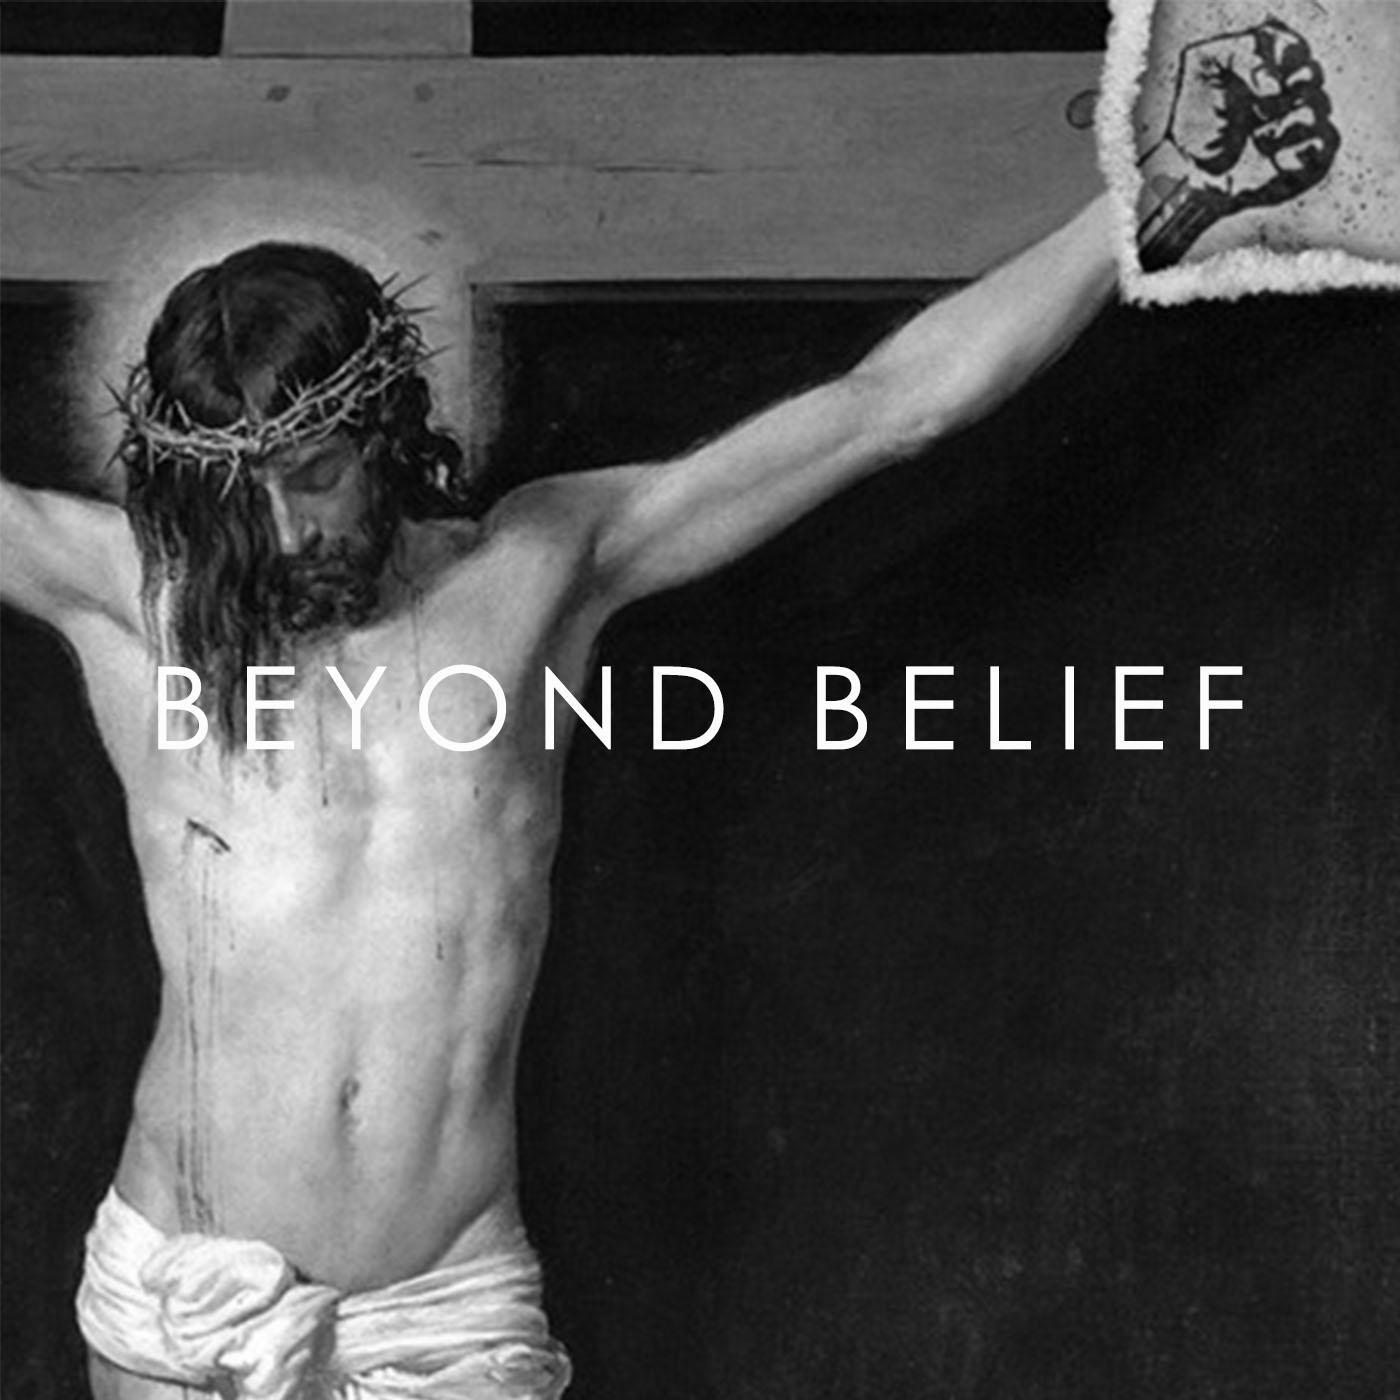 Belyond Belief.jpg